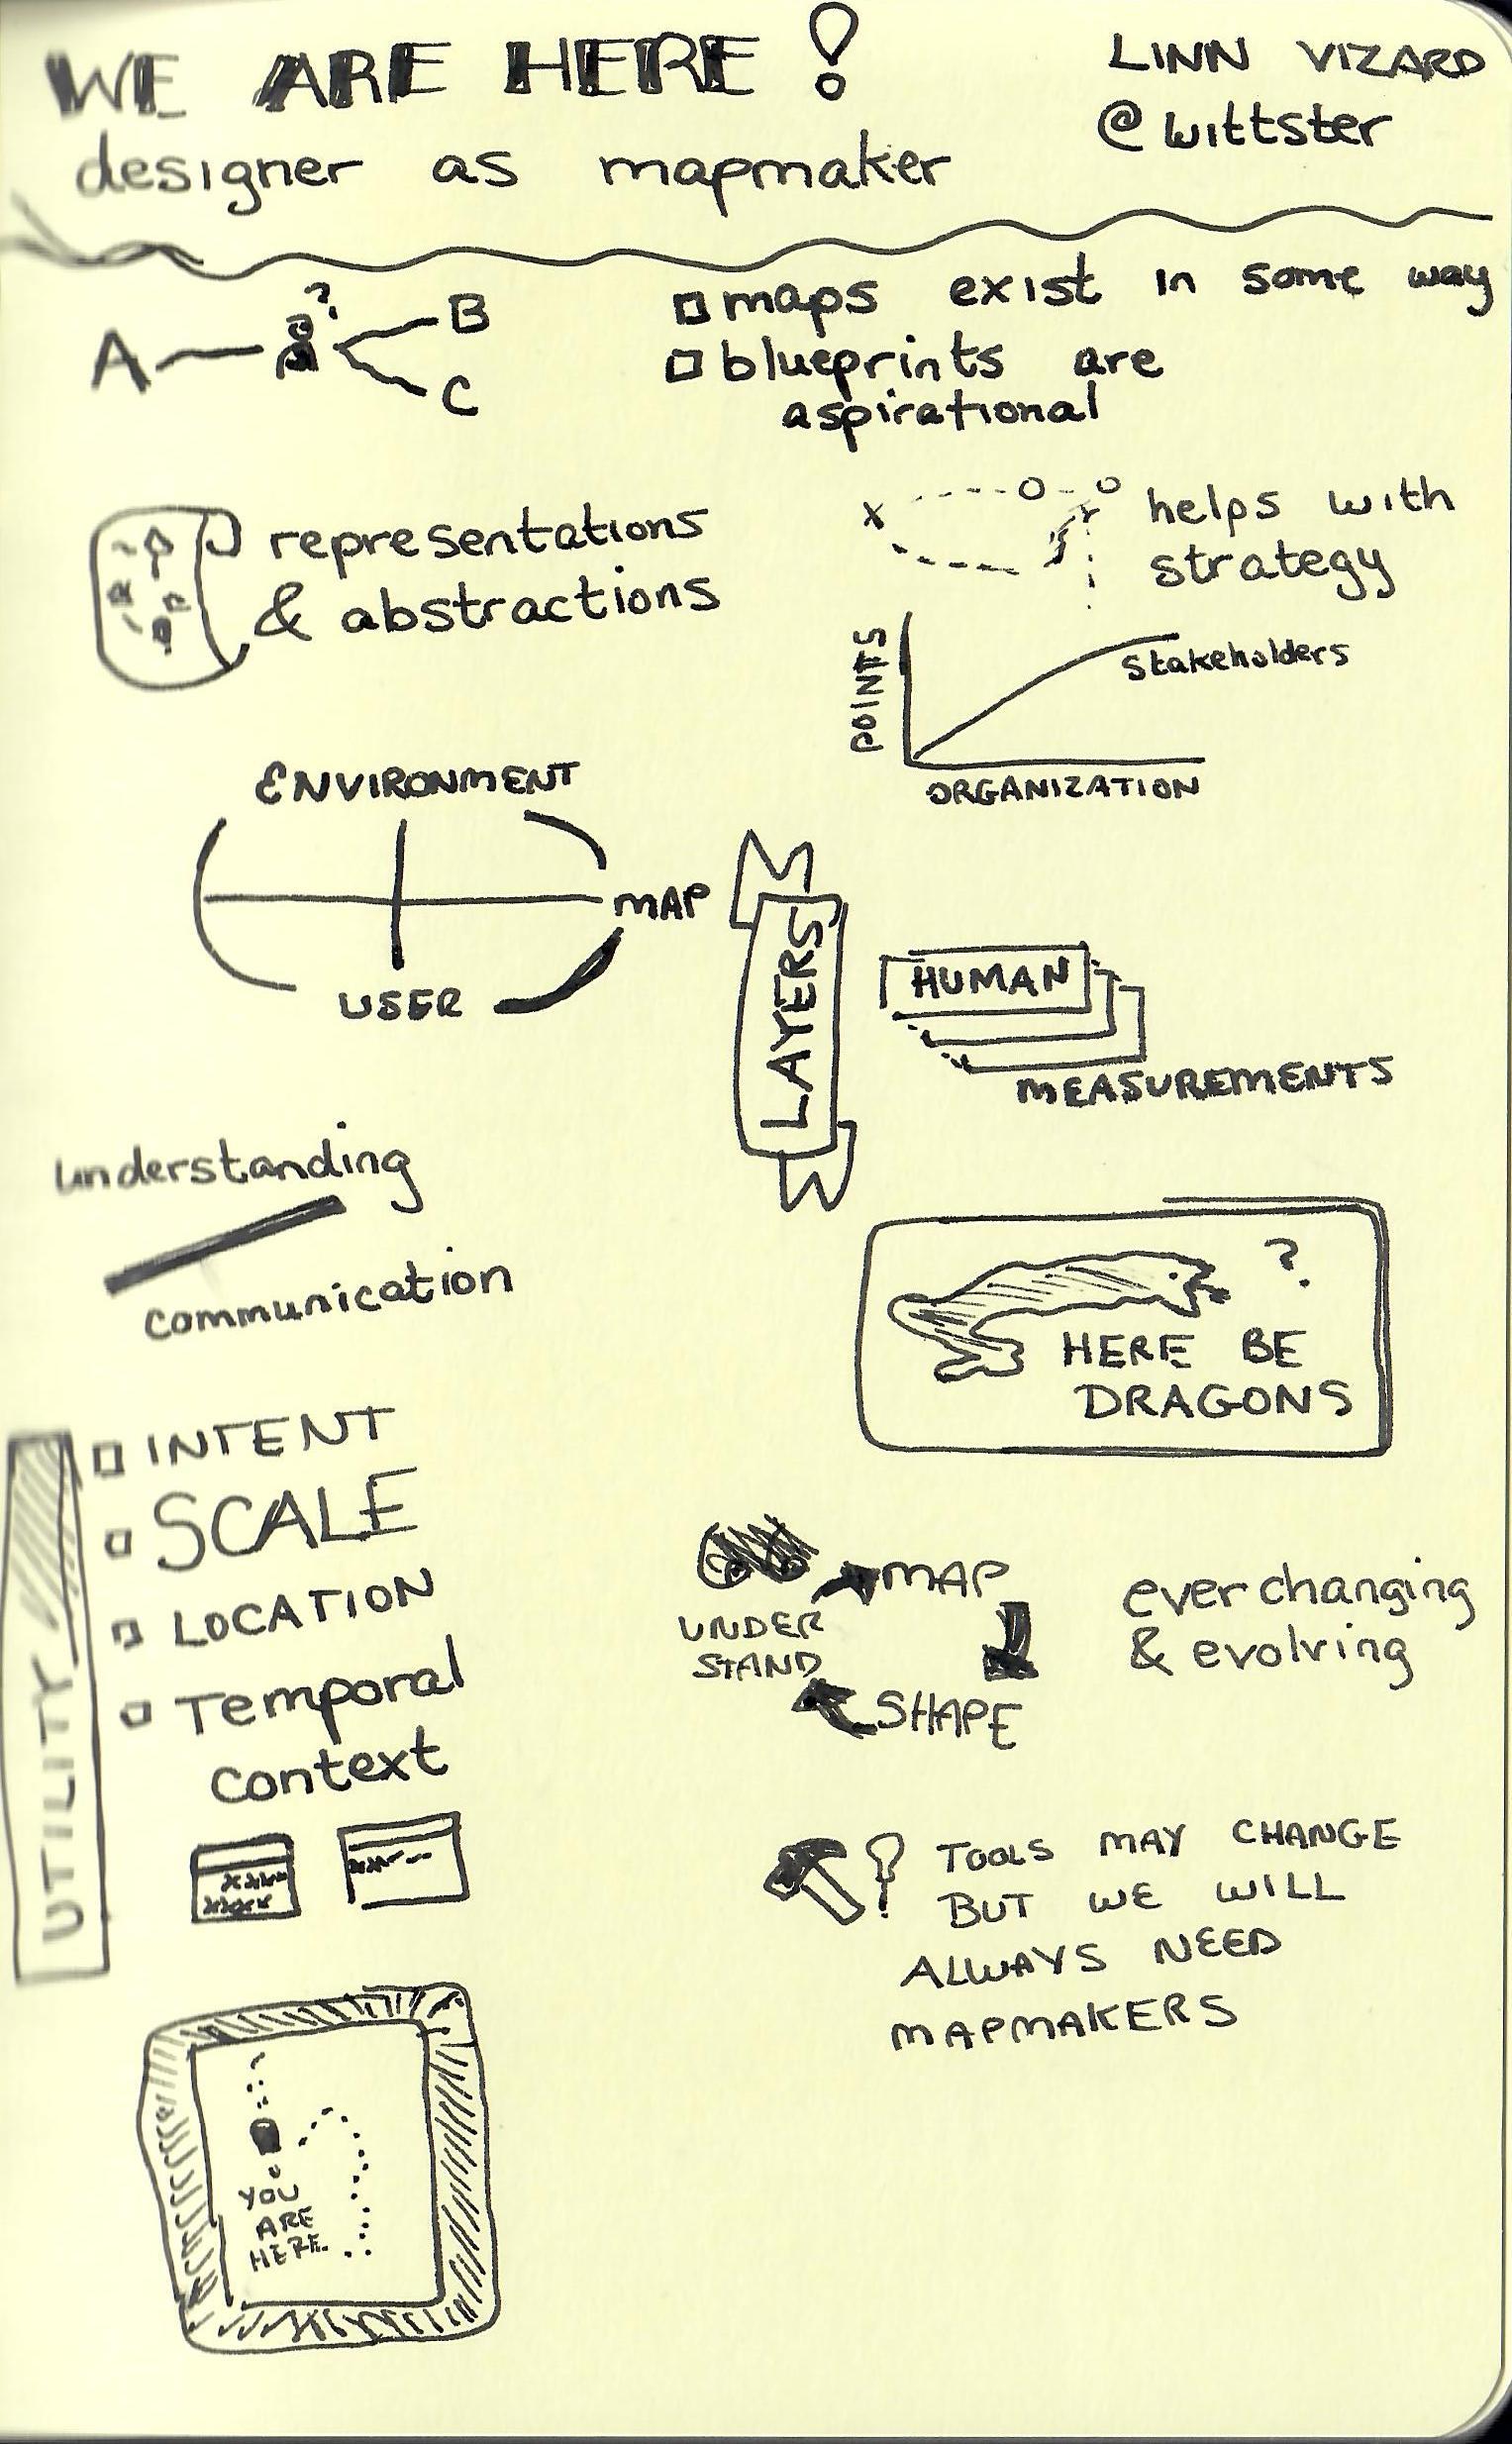 We are Here Designer As Mapmaker (Linn Vizard).jpg